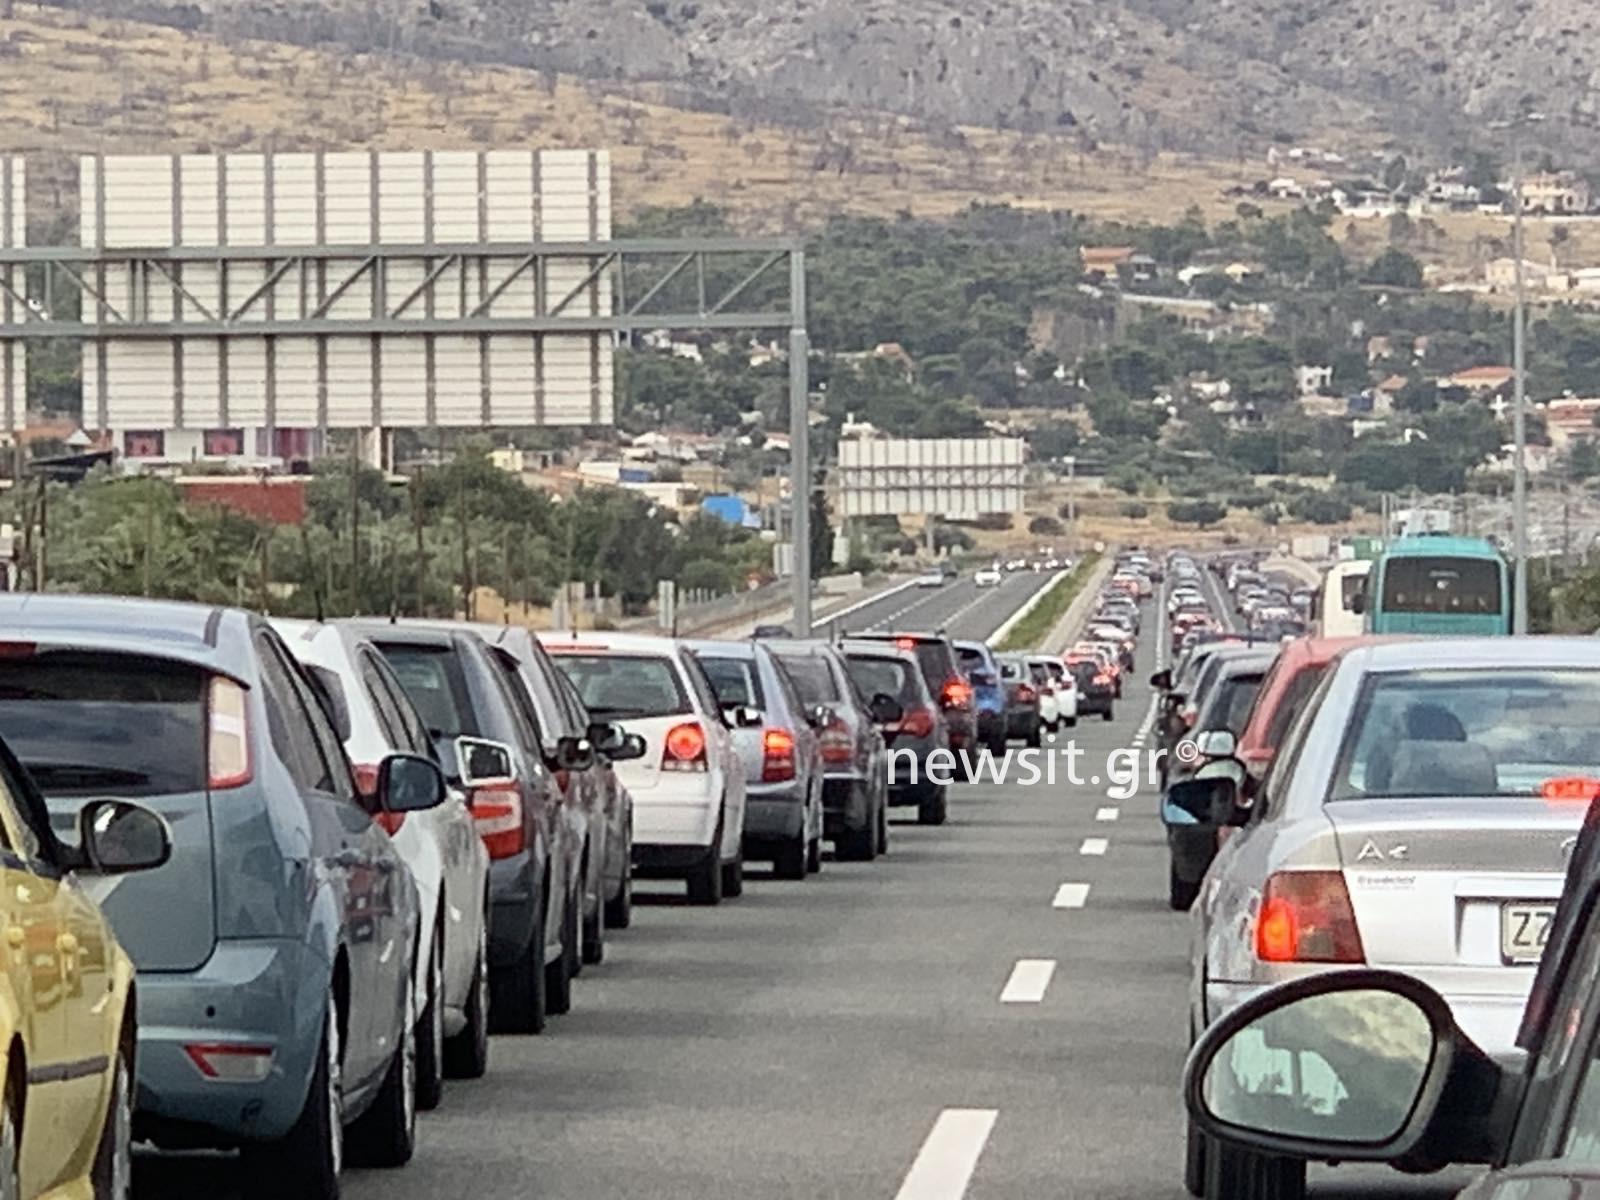 Εθνική Οδός: Κόλαση με μποτιλιάρισμα χιλιομέτρων στην Αθηνών – Κορίνθου (Φωτό και Βίντεο)